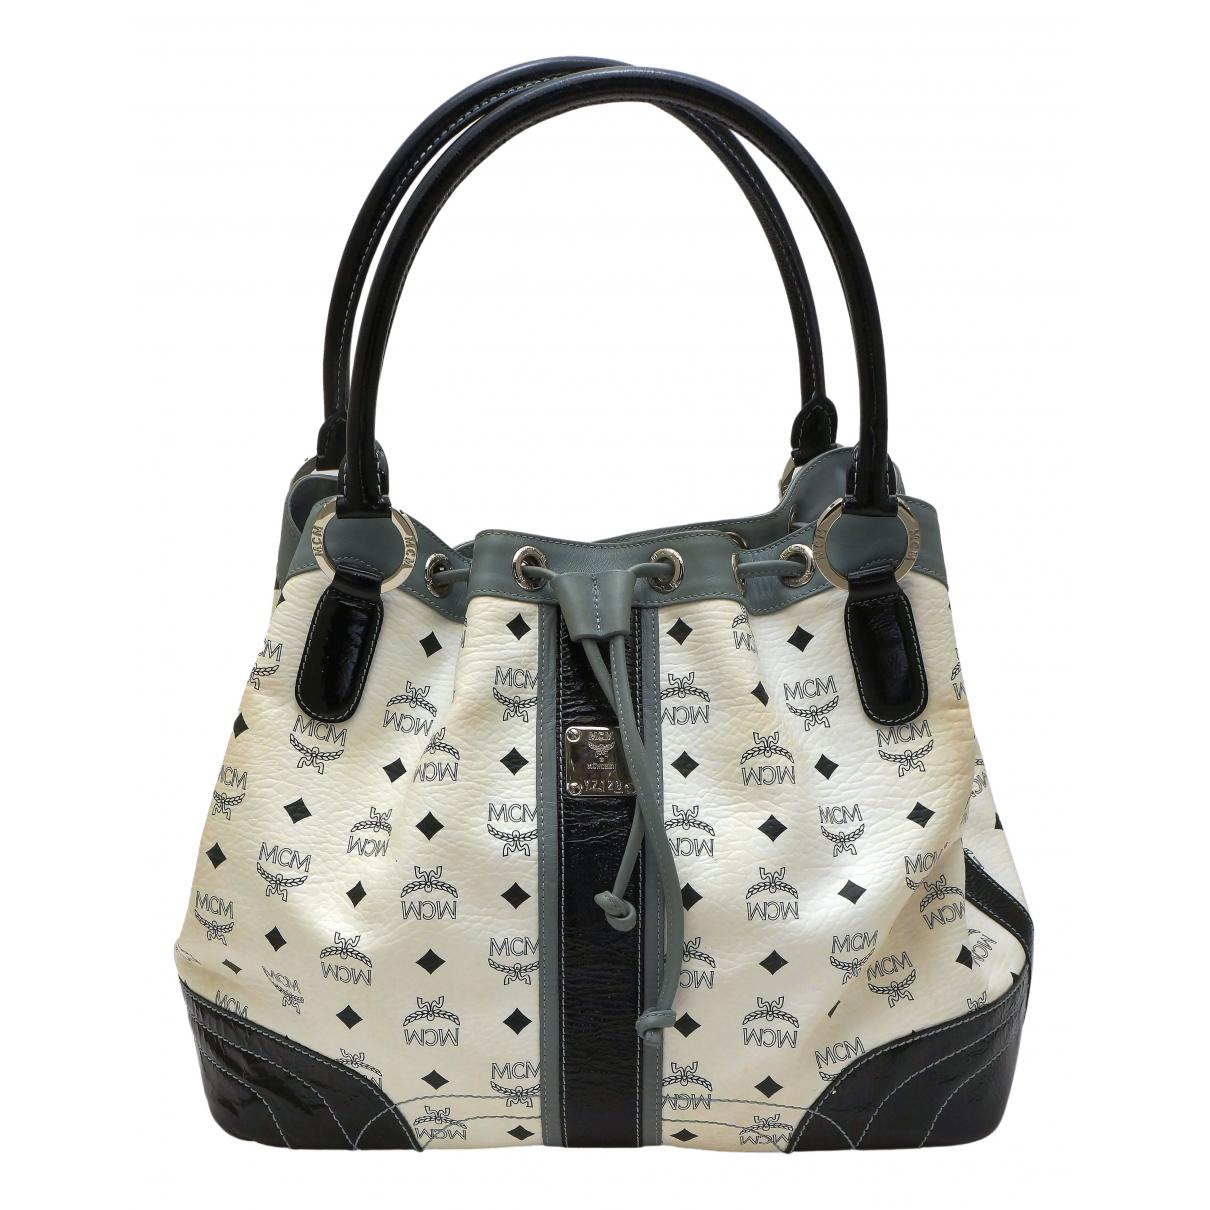 Mcm N White Cloth handbag for Women N